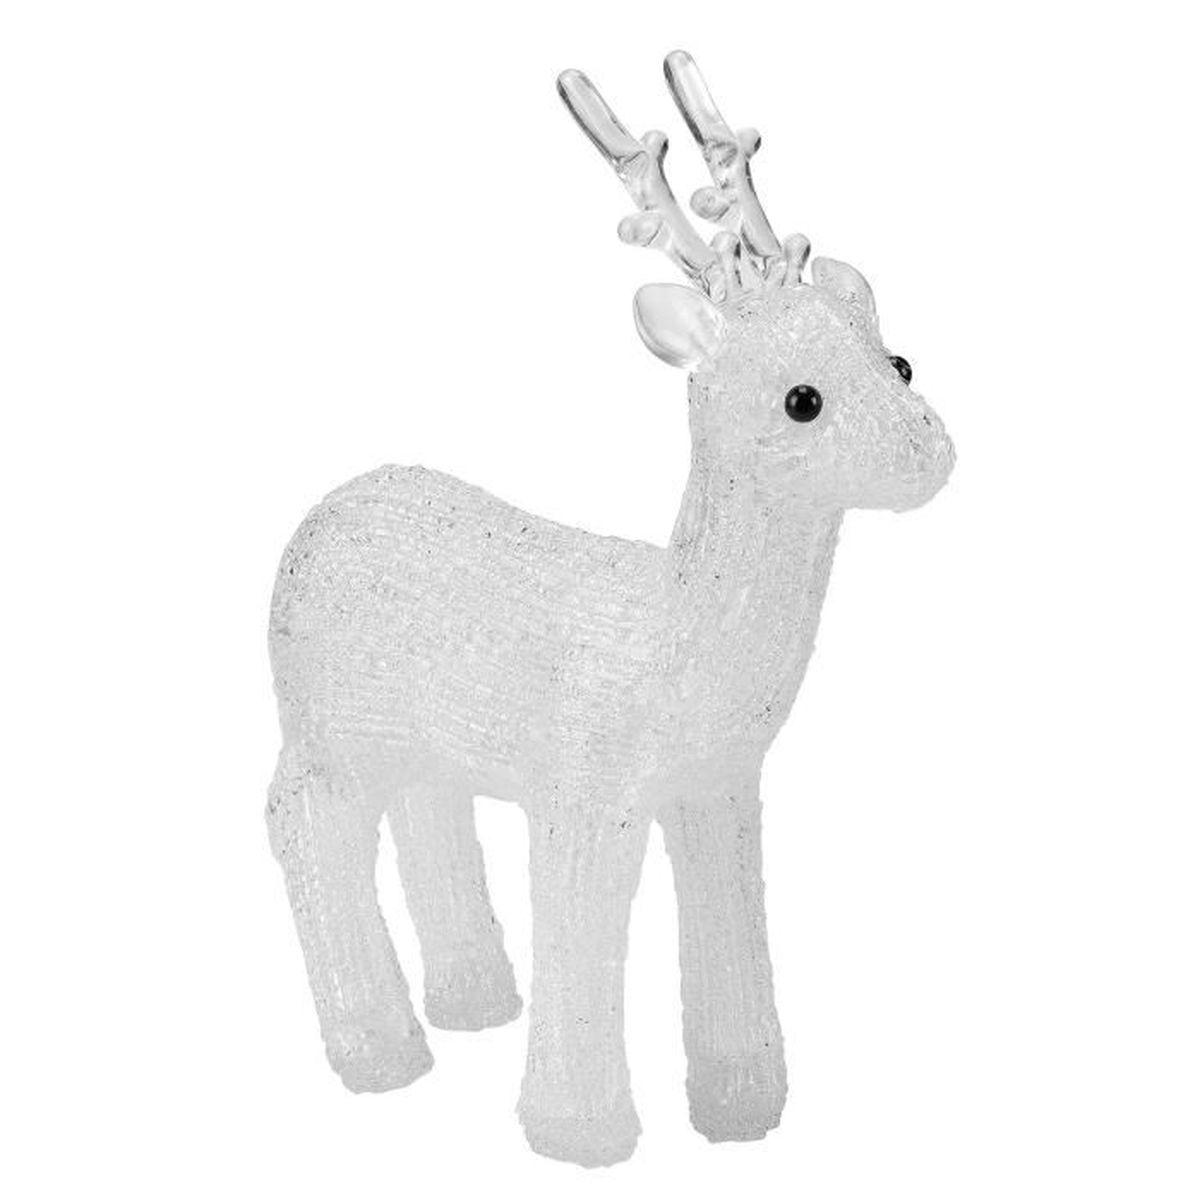 Renne led d co de no l personnage illumin en for Decoration fenetre renne